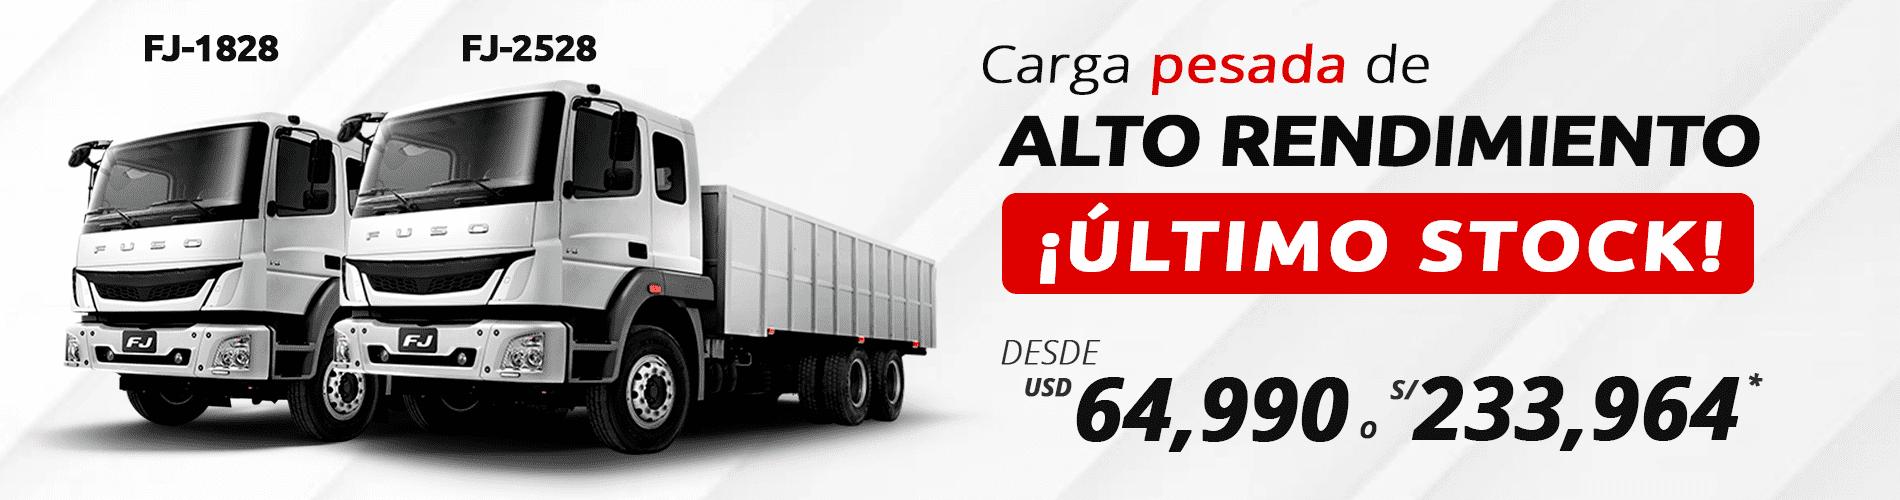 Promoción camiones fi y fj